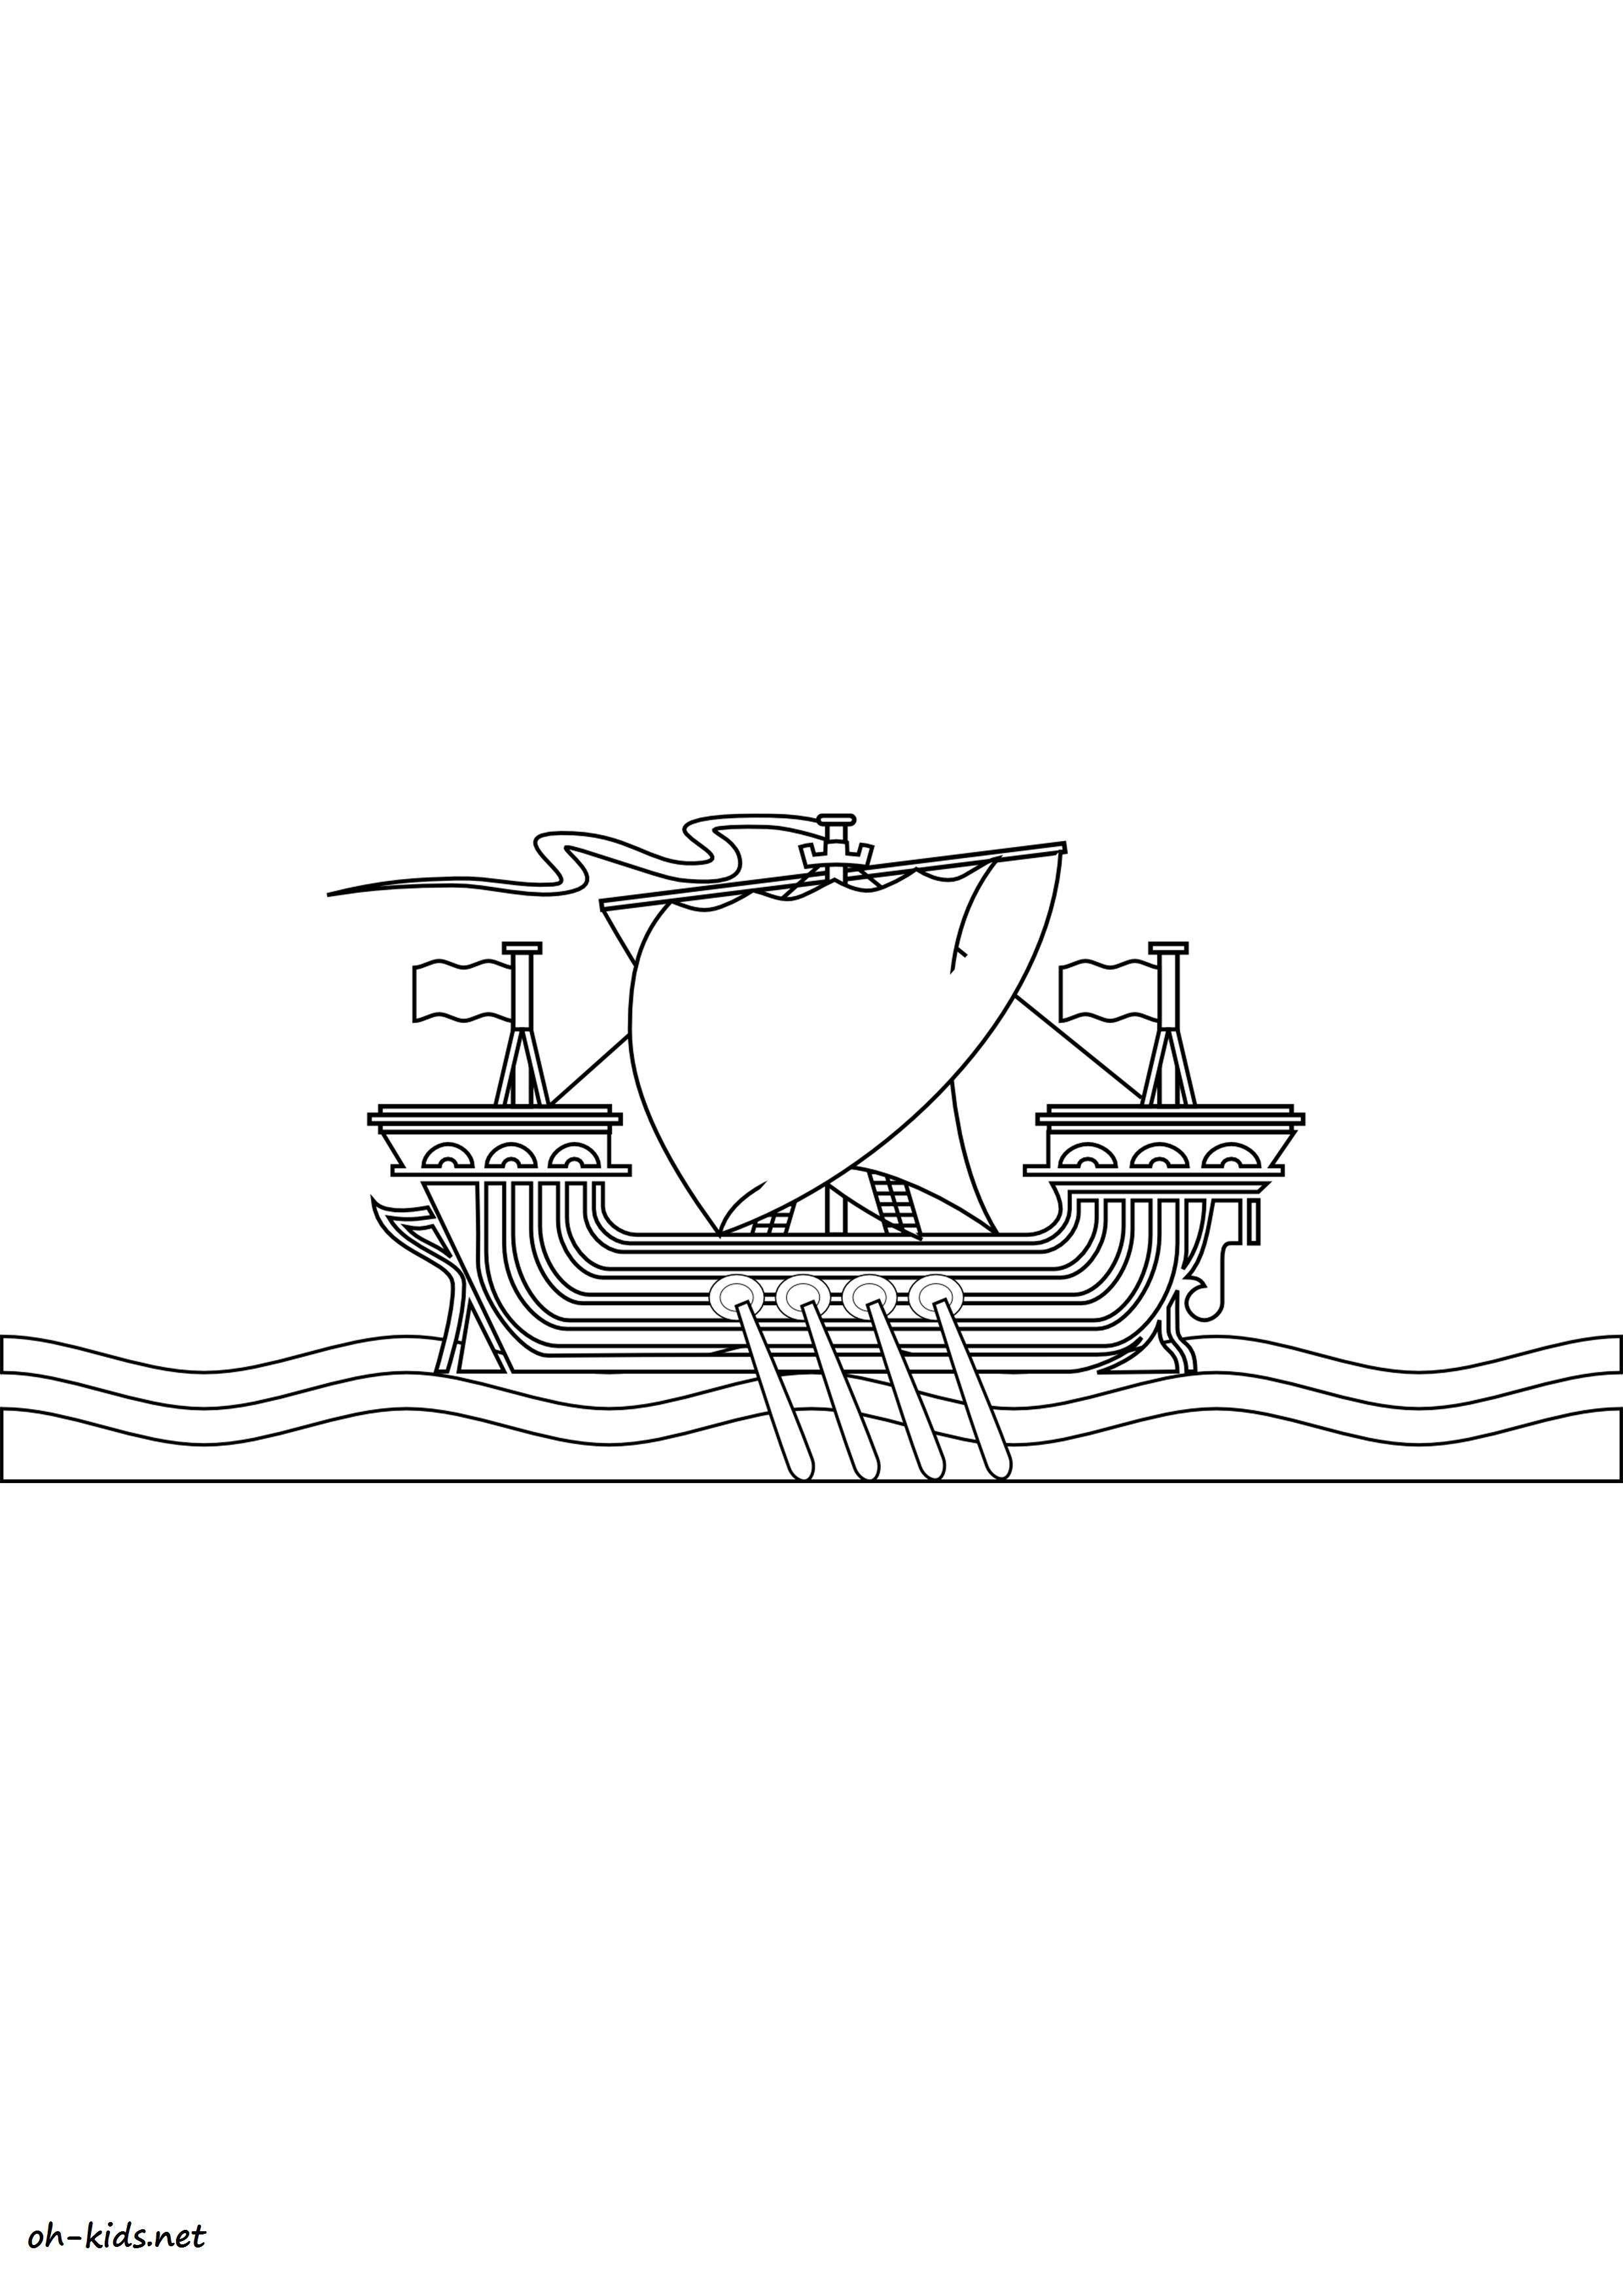 coloriage de bateau de guerre à imprimer et colorier - Dessin #1450